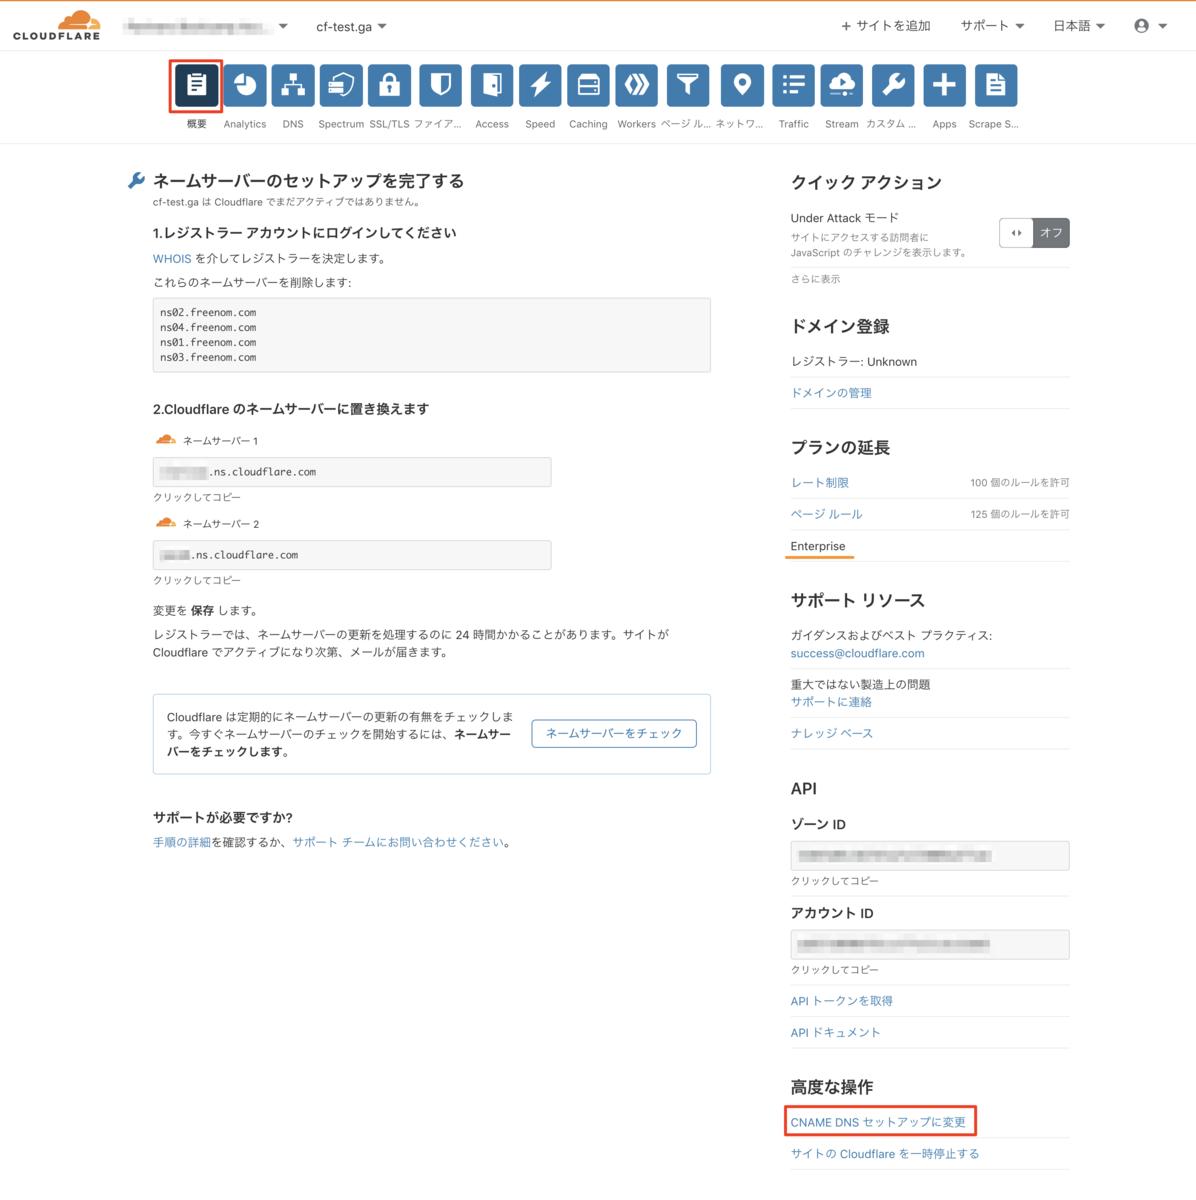 f:id:sbc_y_matsuda:20210225112637p:plain:w850